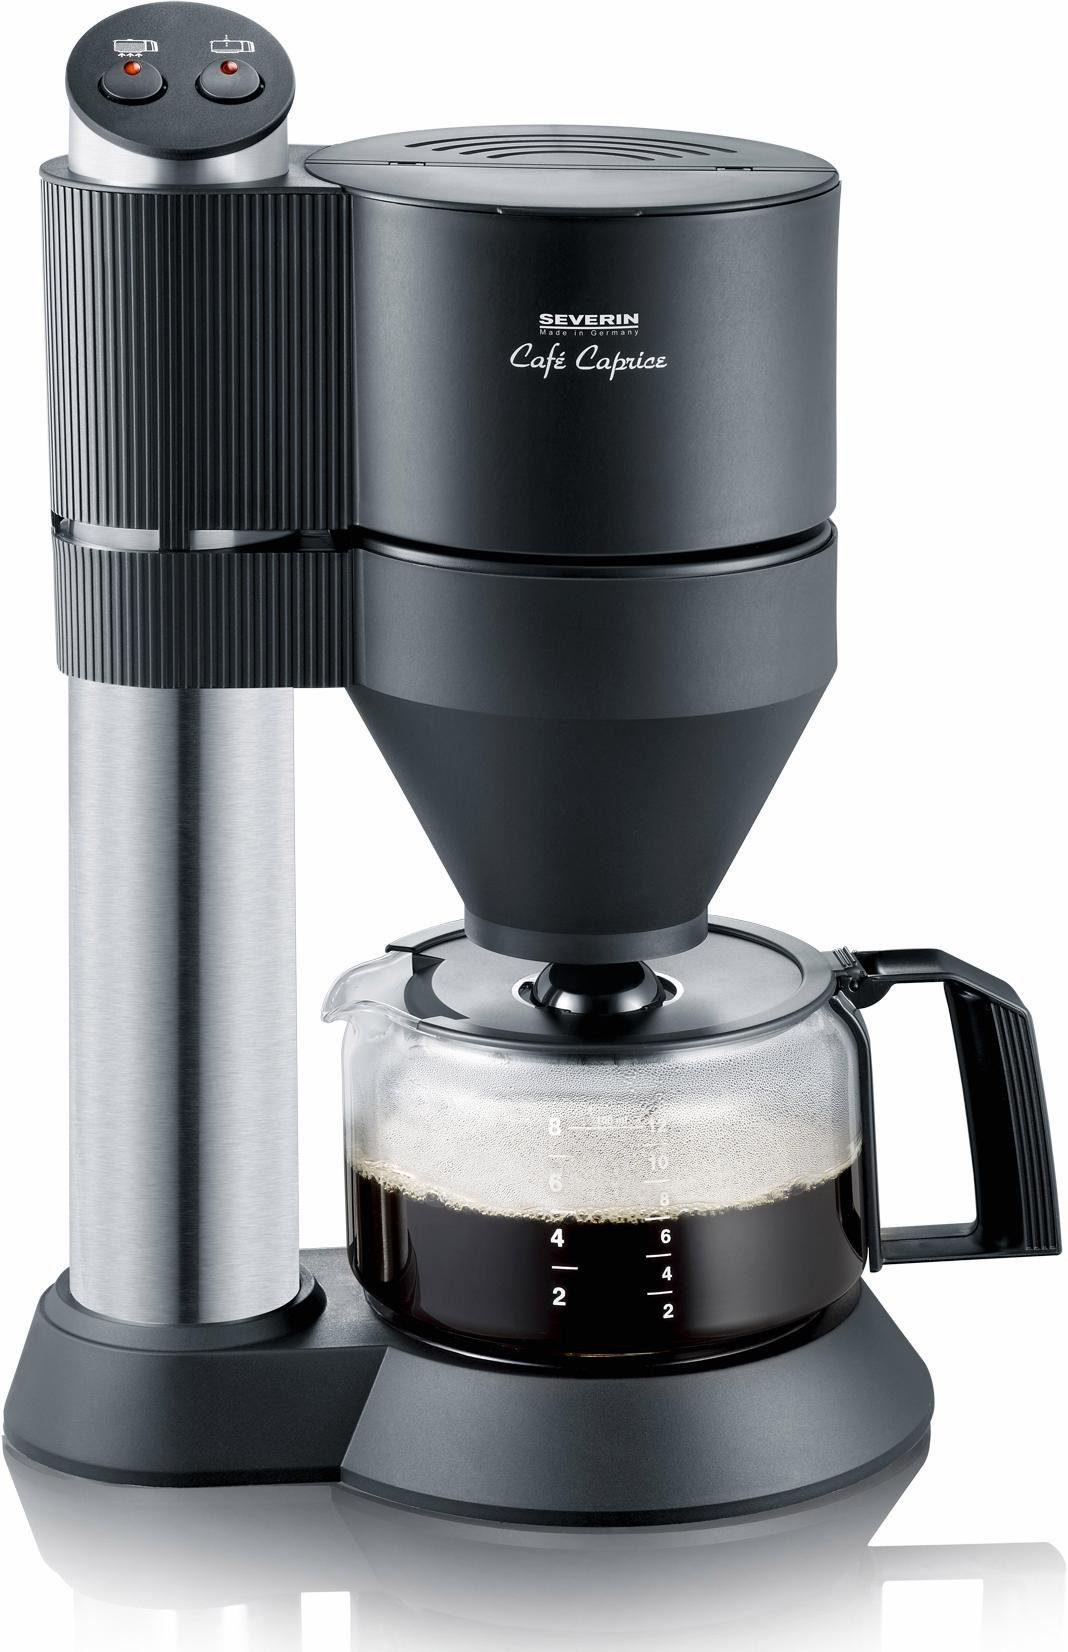 Severin Filterkaffeemaschine Café Caprice KA 5703, 1l Kaffeekanne, Papierfilter 1x4